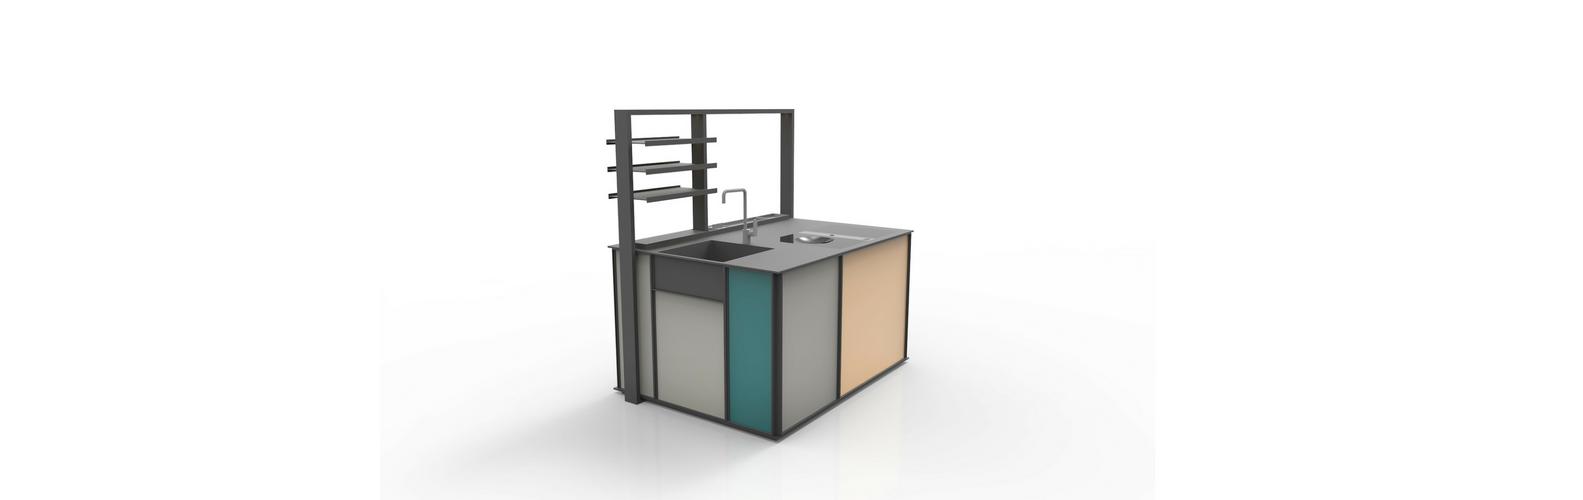 Modello Piani - Ciesse cucine